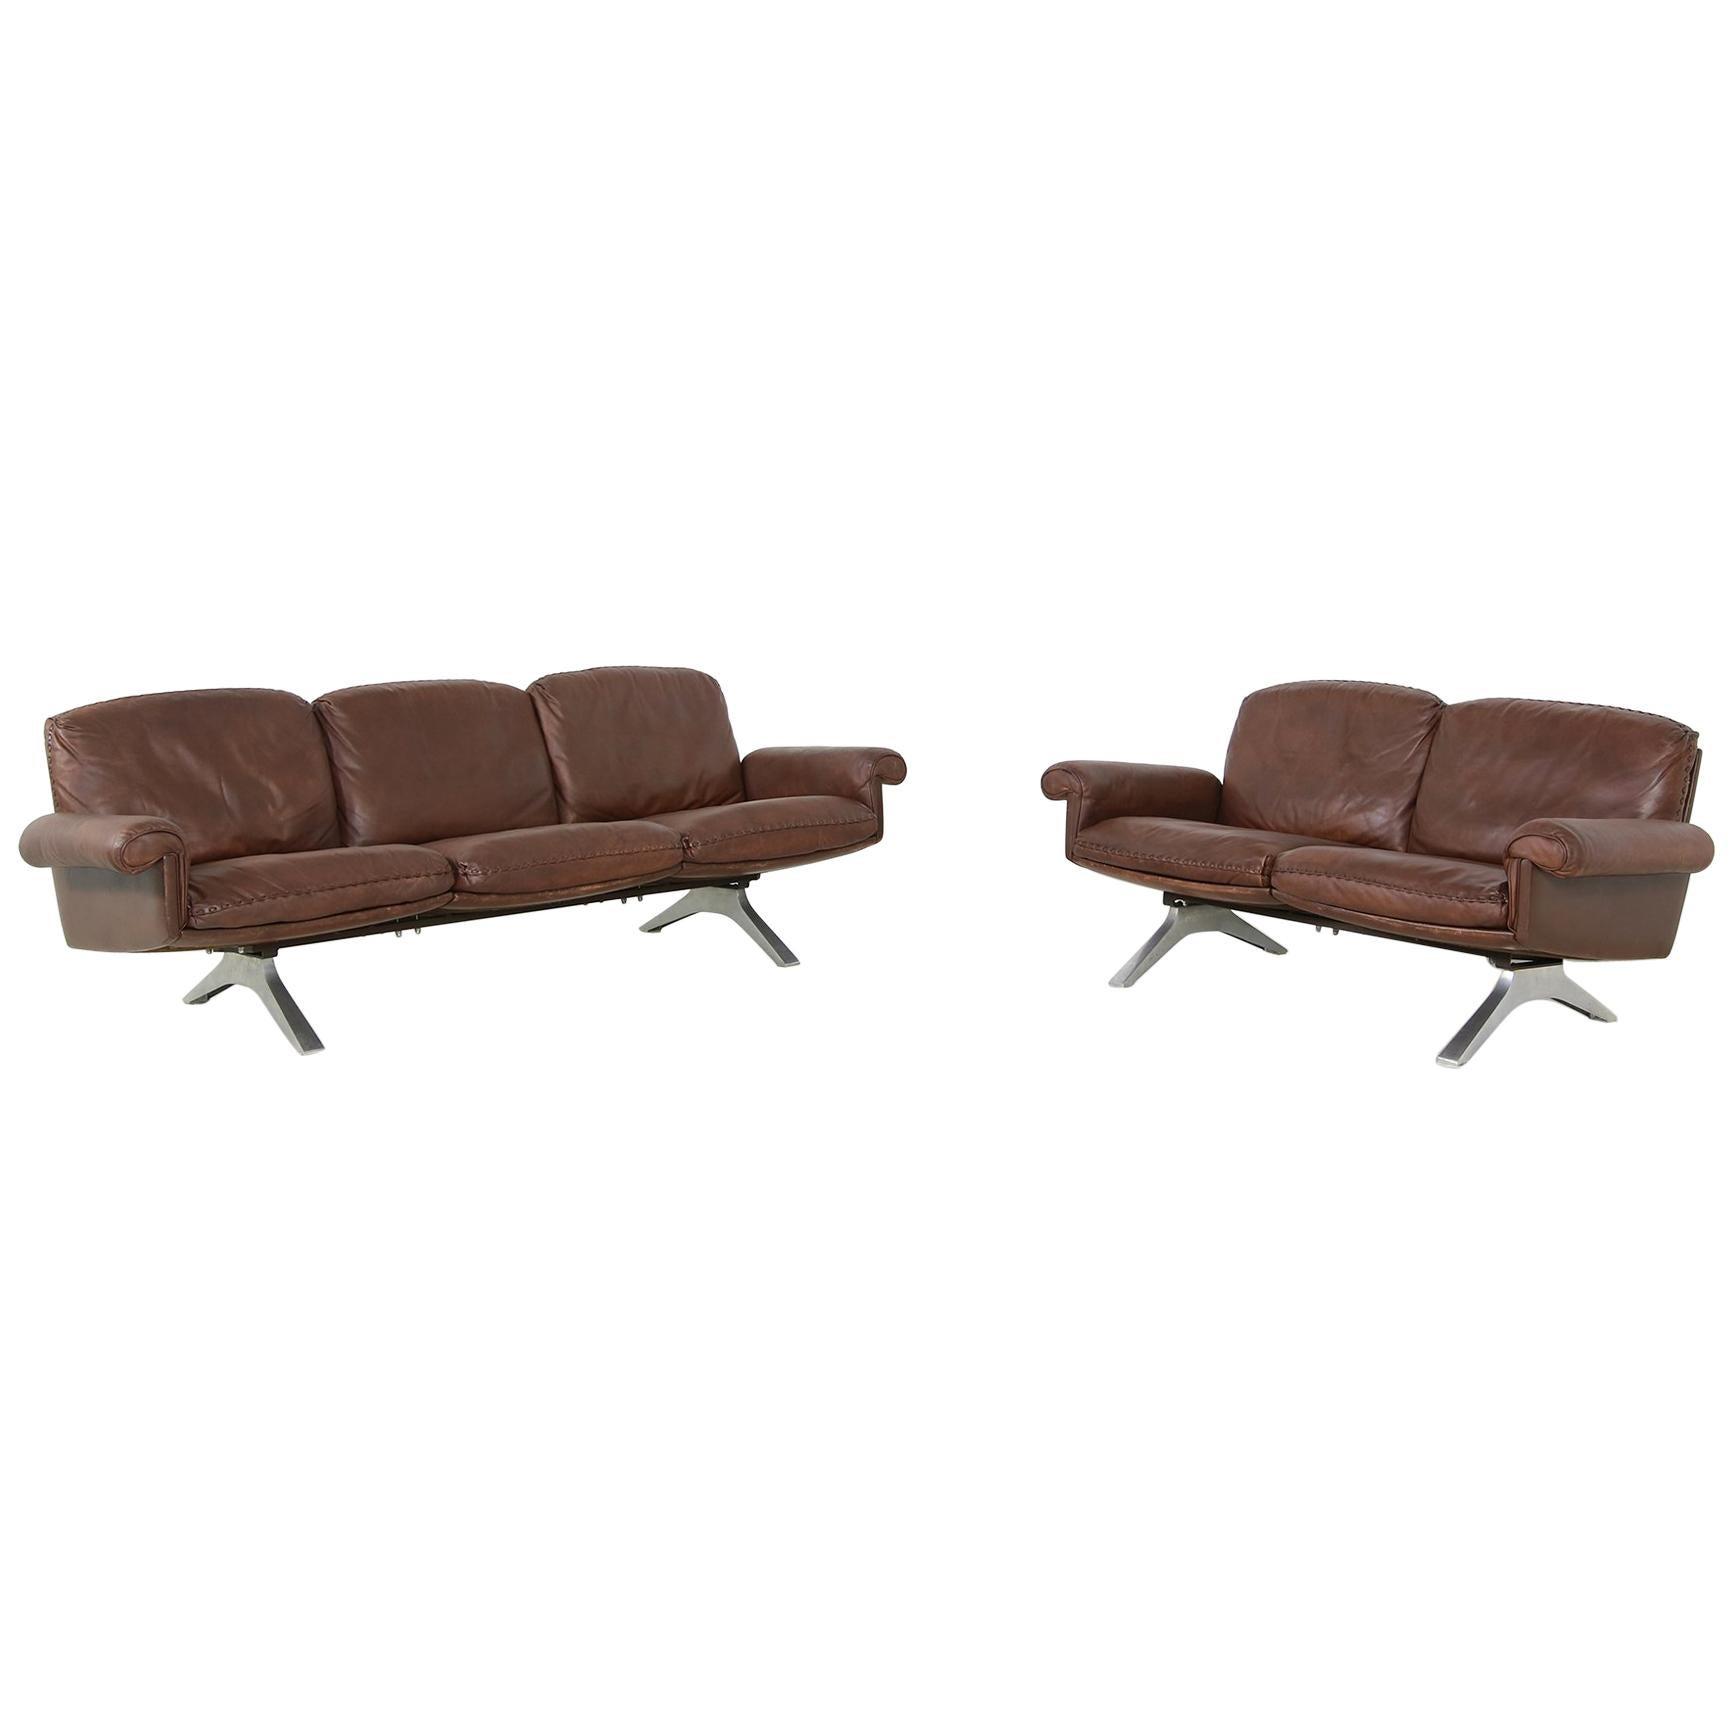 Vintage 1970s Vintage De Sede DS 31 Sofa Set Dark Cognac Brown Leather Couch